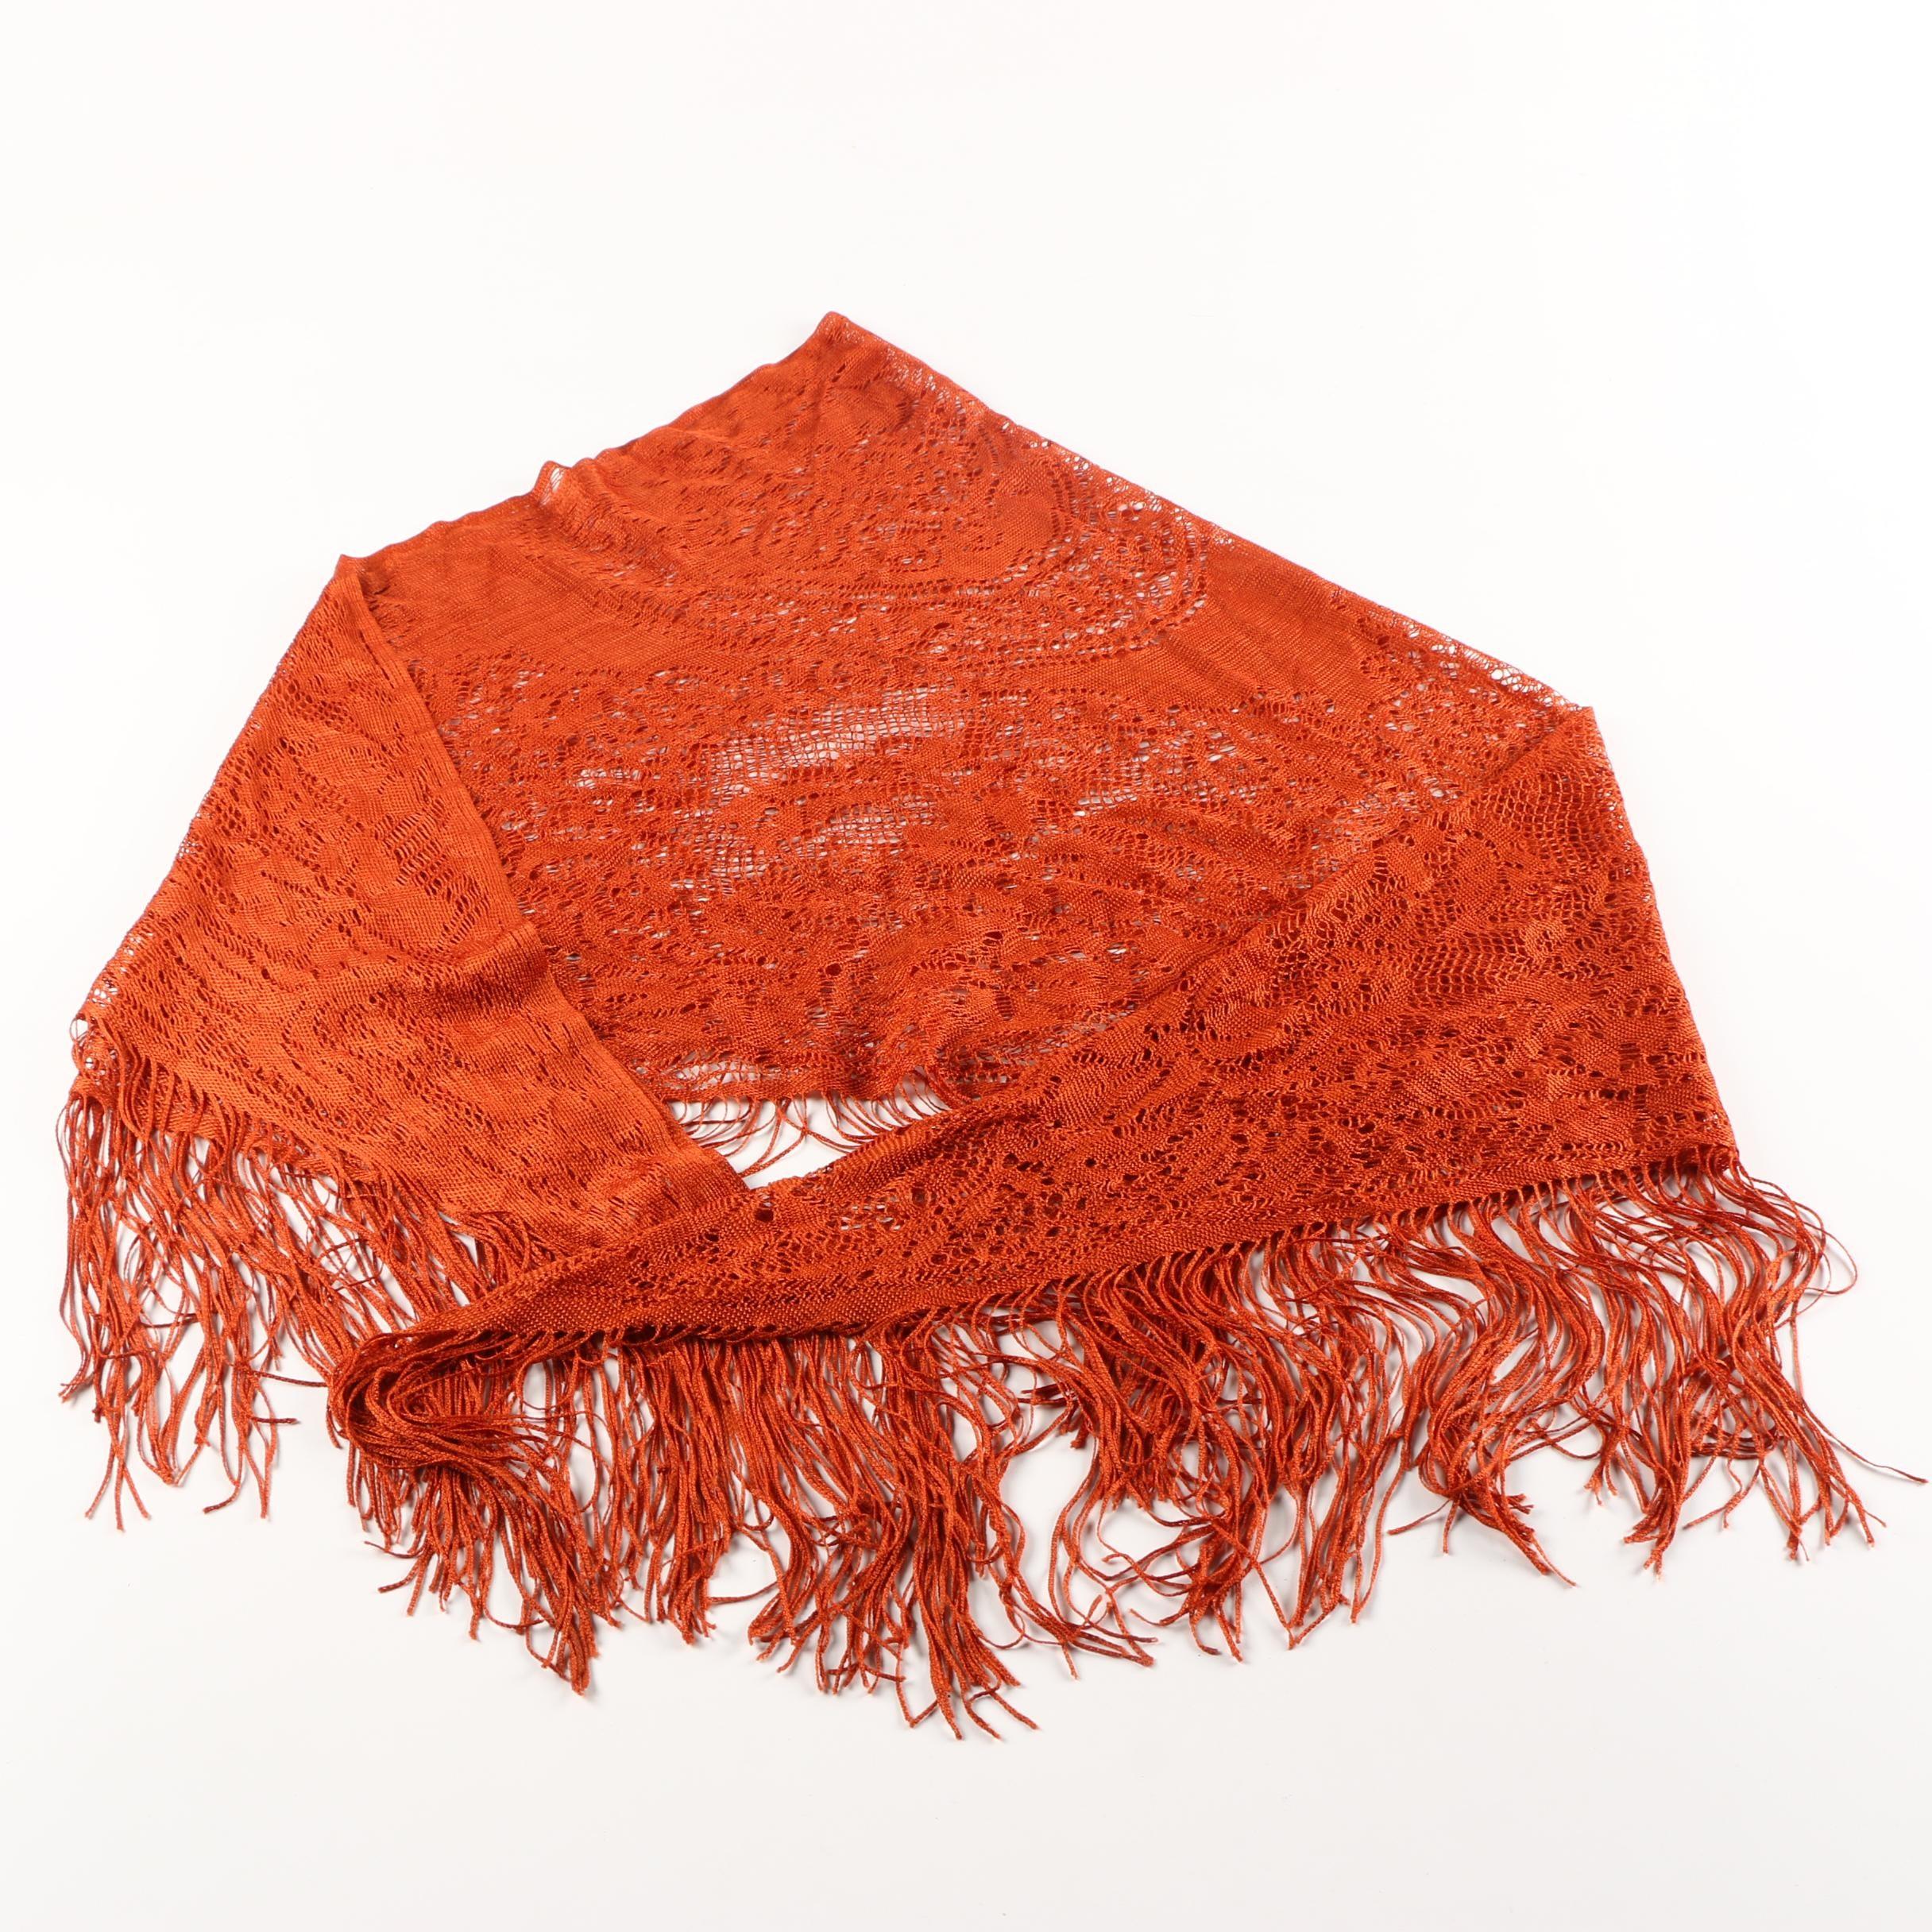 Orange Crocheted Shawl with Fringe